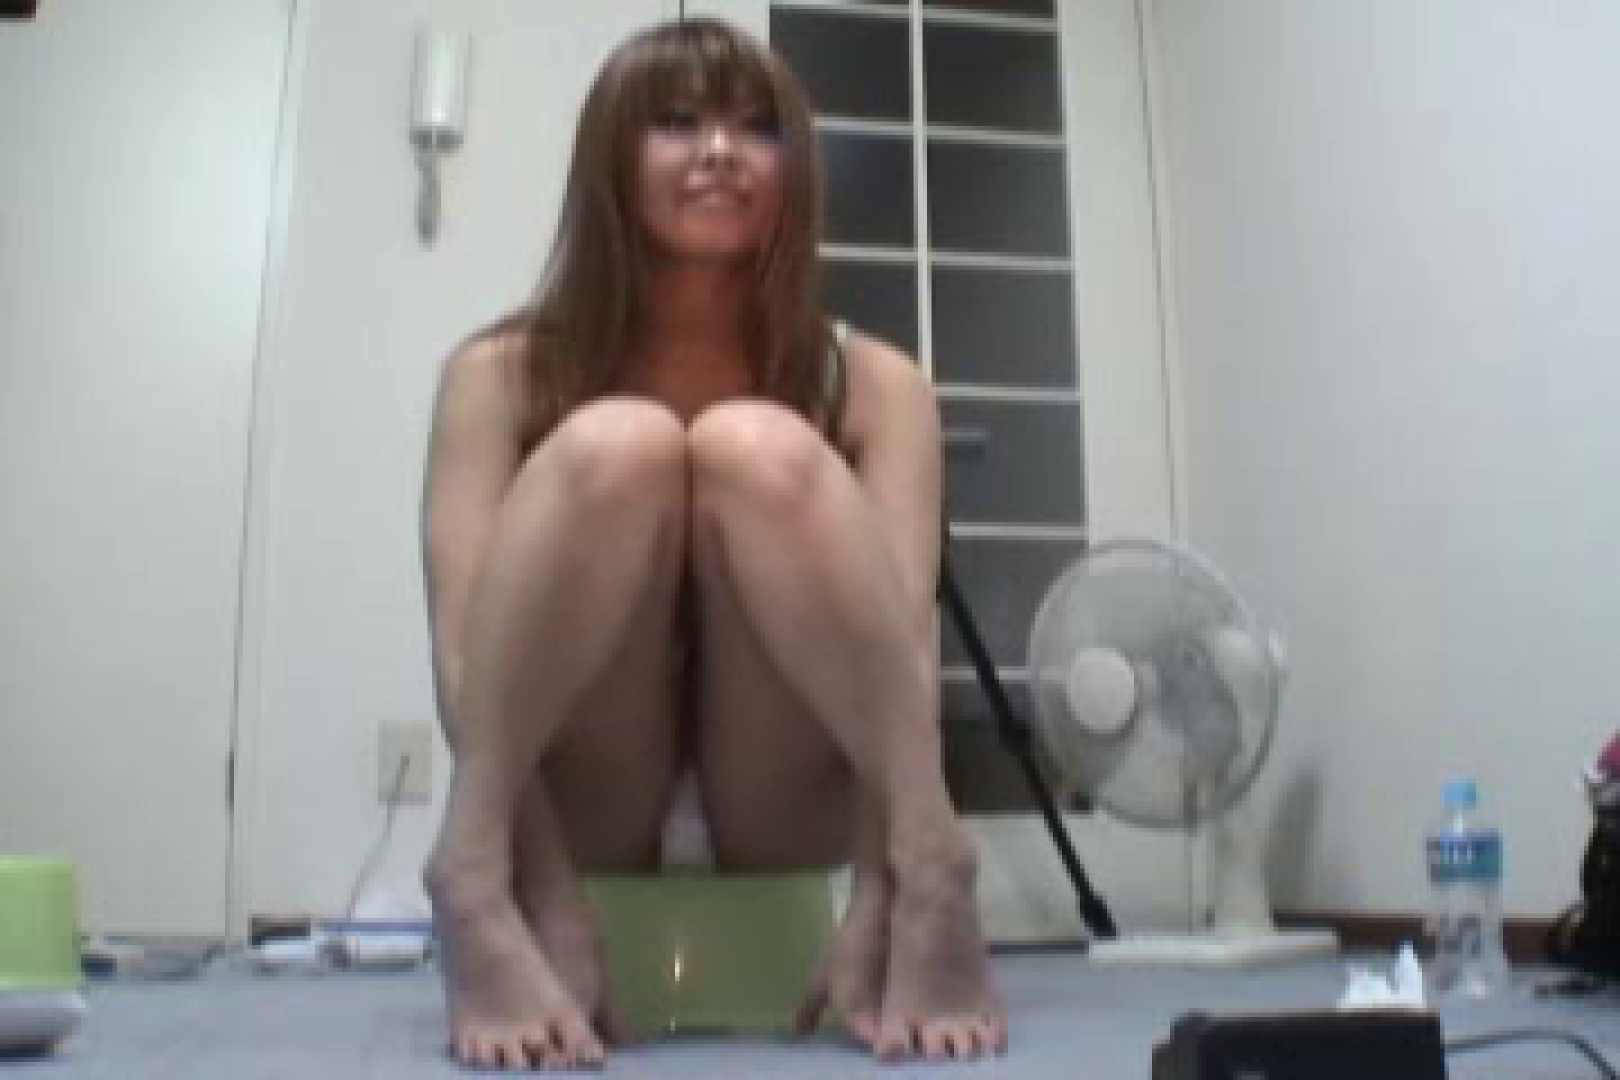 パンツ売りの女の子 ゆづきちゃんvol.2 フェラ のぞき動画画像 66PIX 19